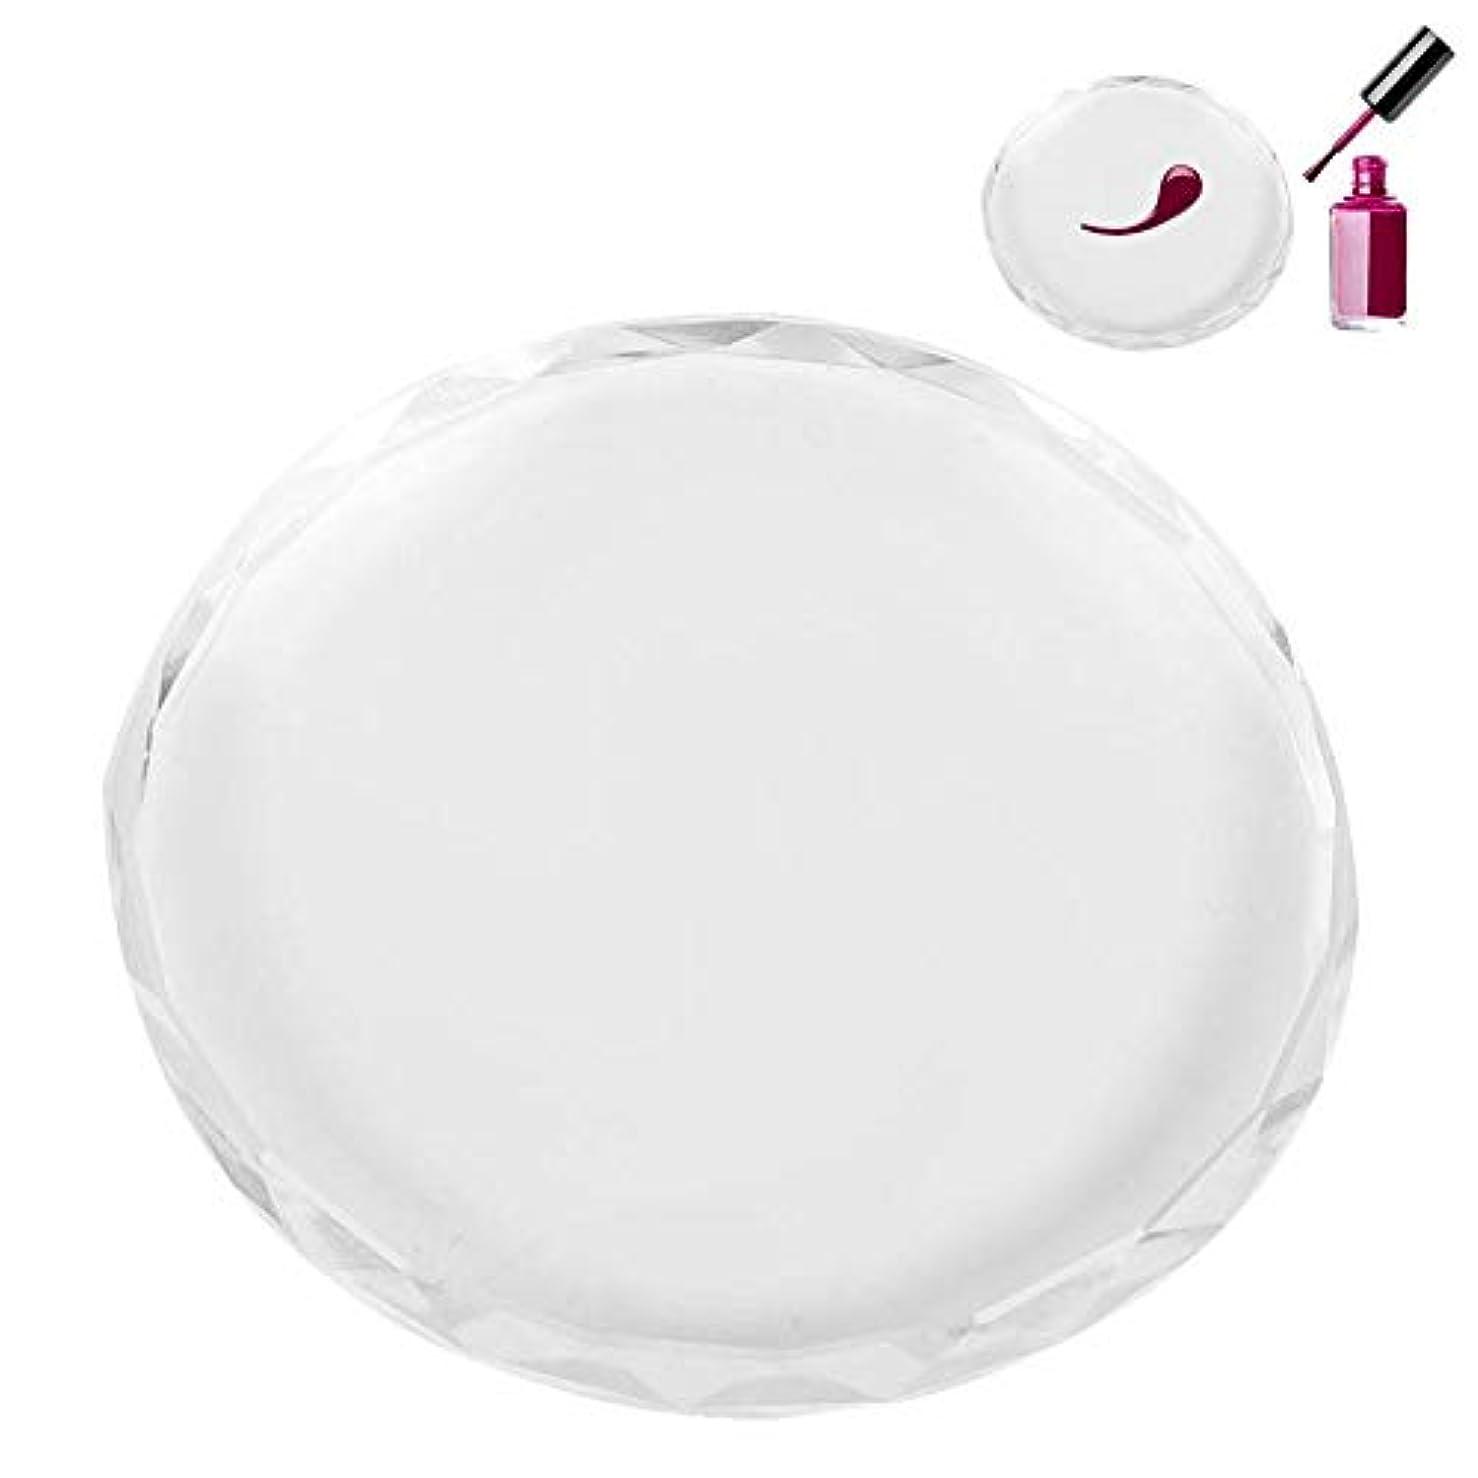 ネイルパレット、ネイルアートパレット ネイルポリッシュプレゼンテーションプレート 透明ガラス 色塗料トレイ ネイルDIYツール(02)